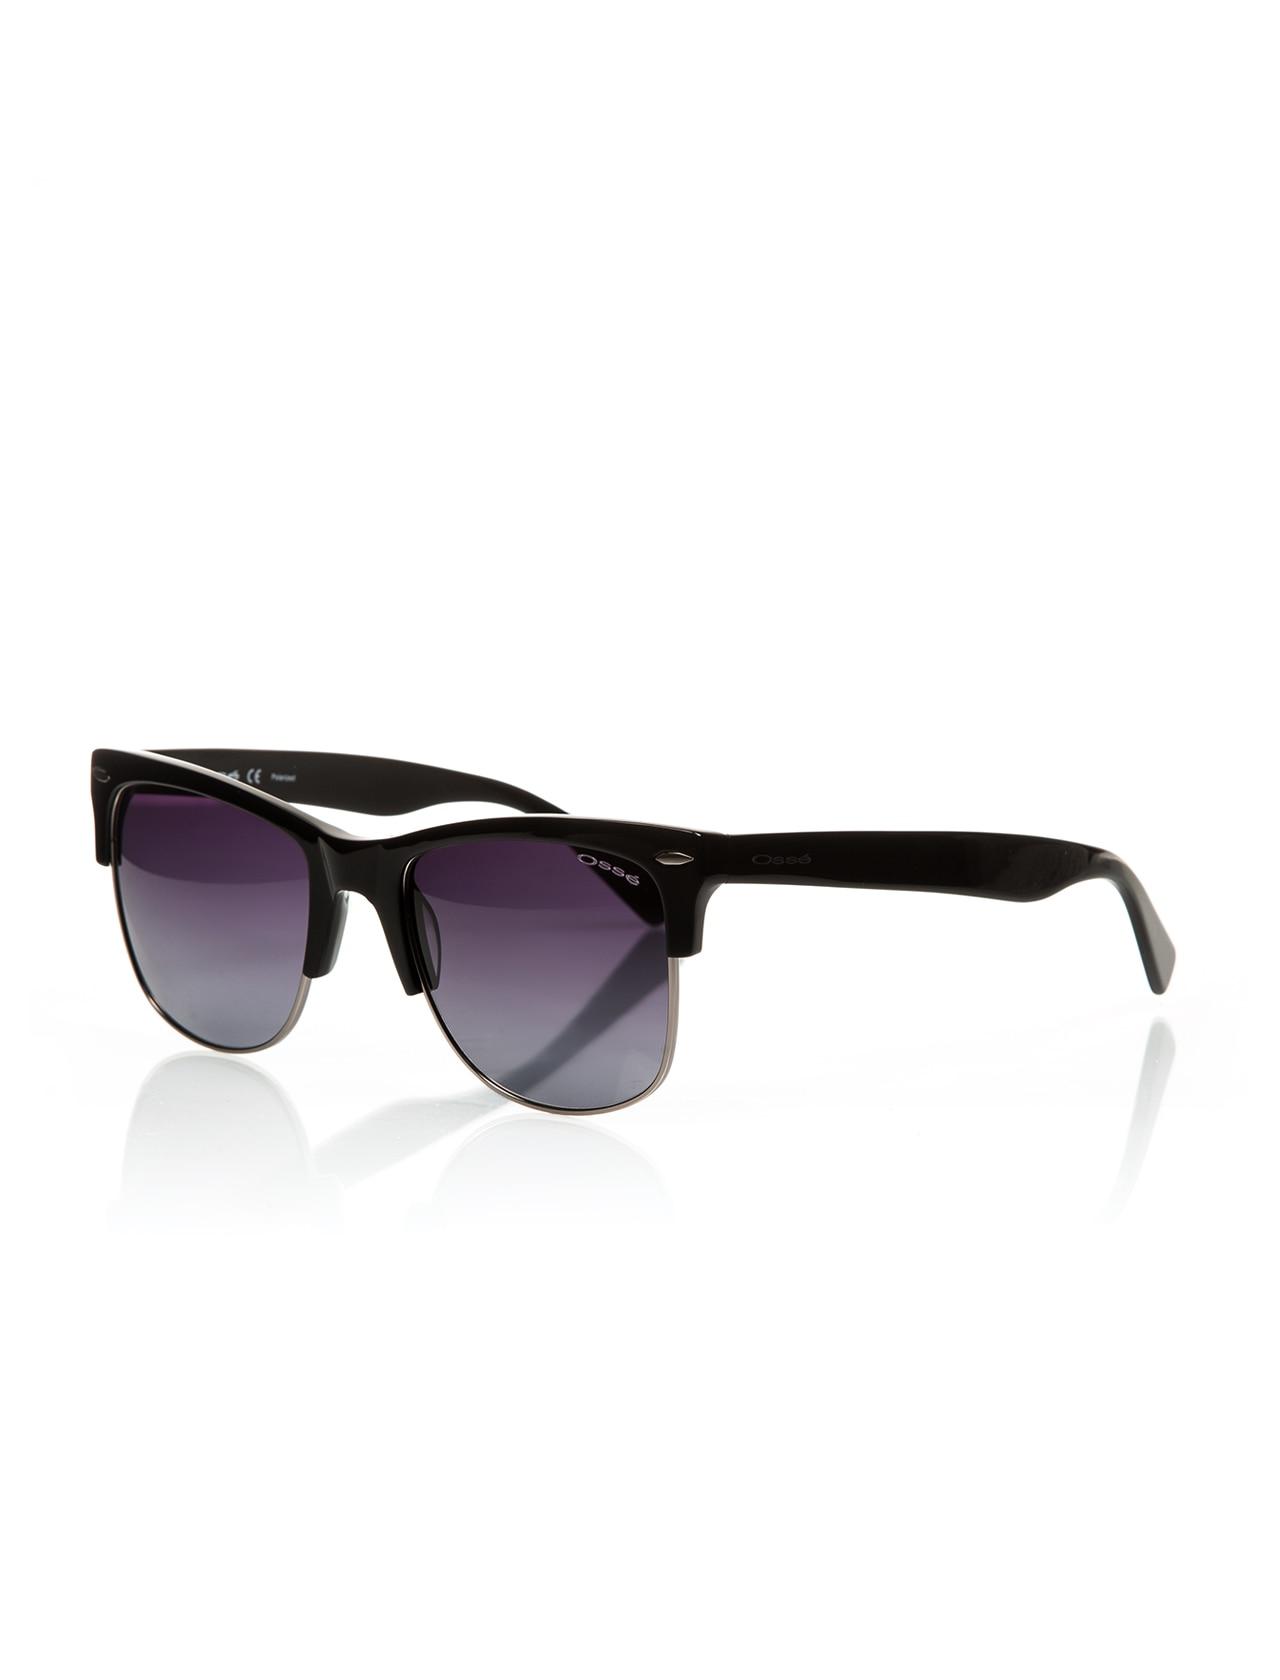 Unisex sunglasses os 2148 04 clubmaster black organic square square 55-21-143 osse